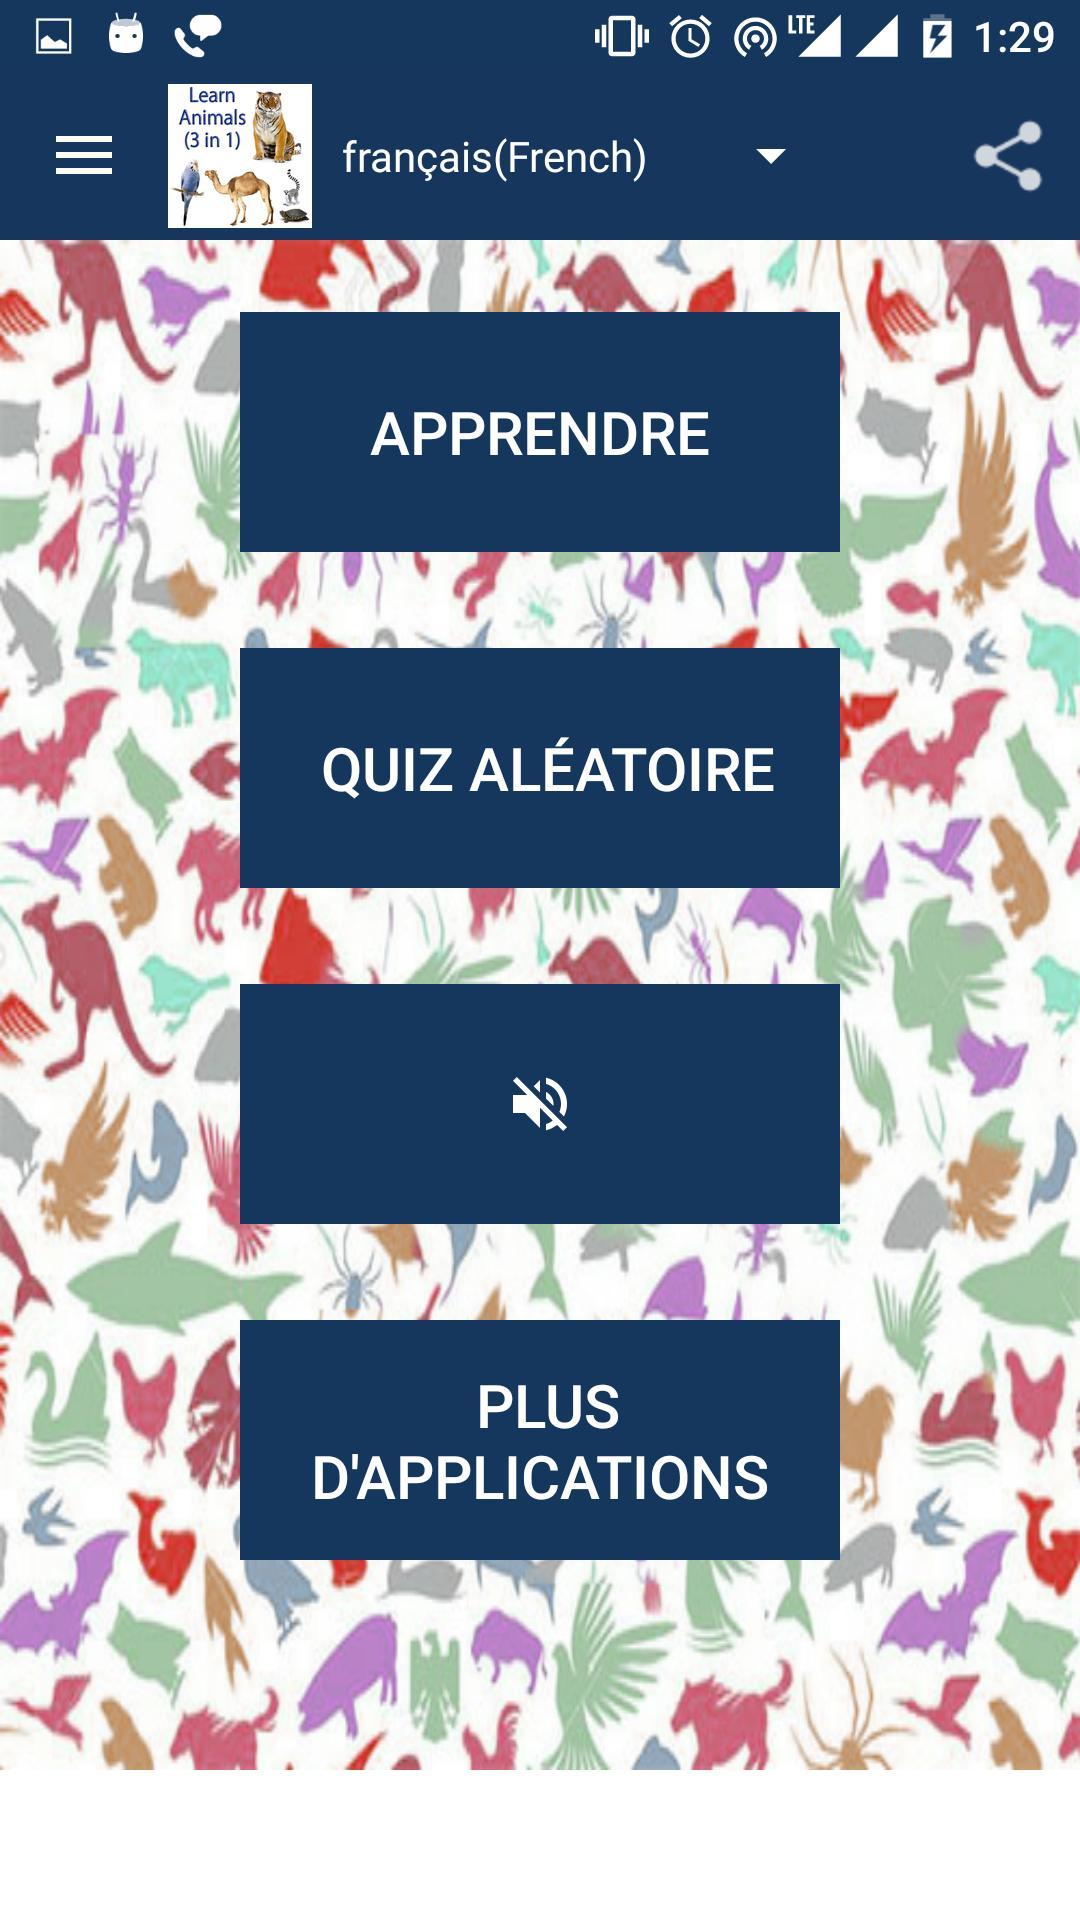 Apprenez Les Noms Des Animaux Pour Android - Téléchargez L'apk concernant Apprendre Le Nom Des Animaux